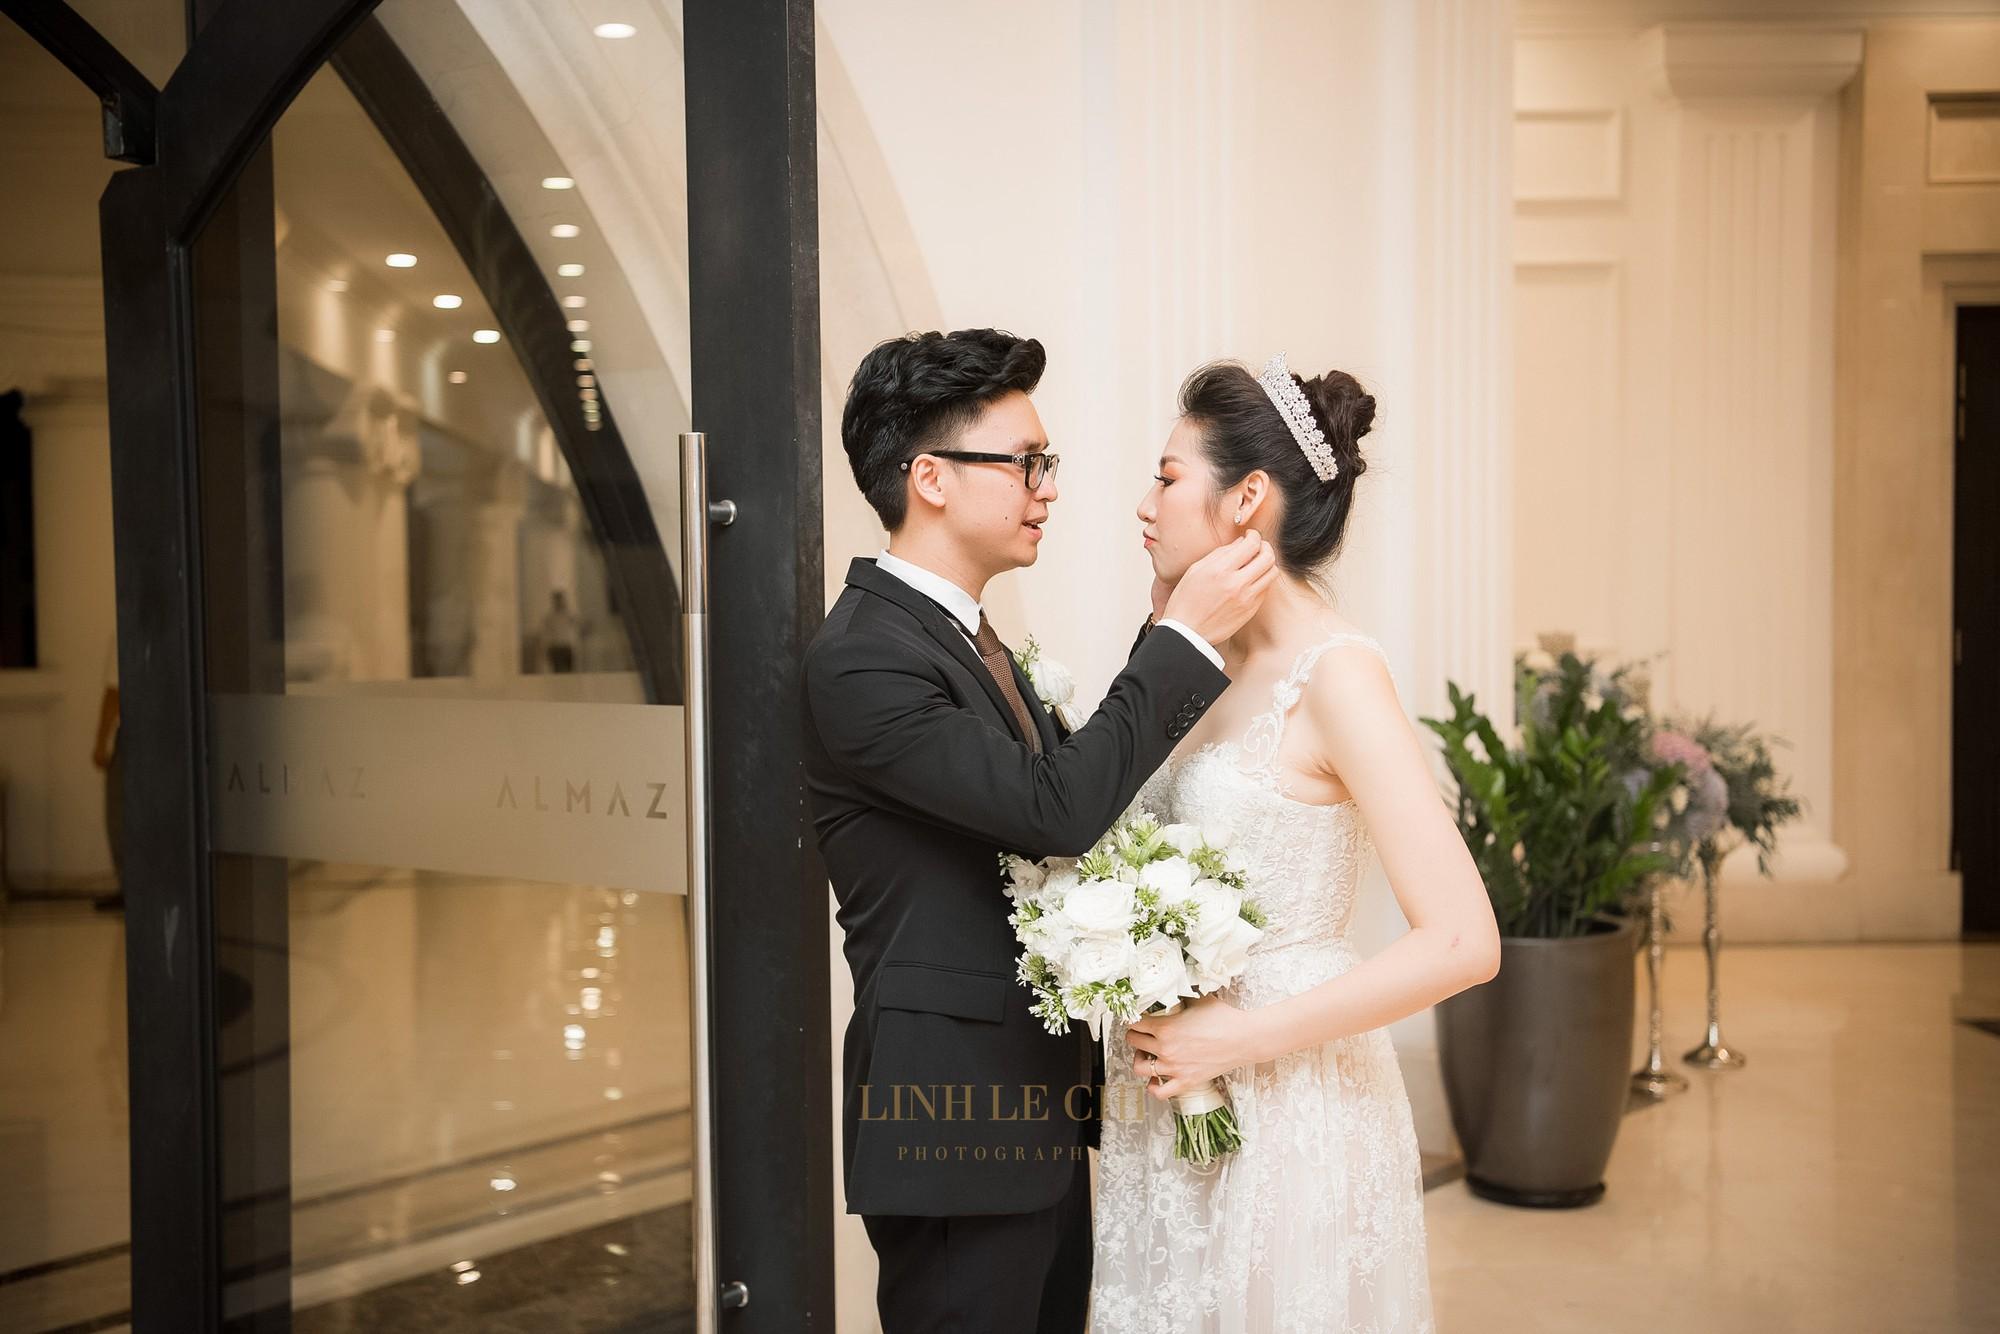 Ảnh đẹp: Á hậu Tú Anh nũng nịu ôm chặt ông xã trong tiệc cưới sang trọng ở Hà Nội - Ảnh 16.